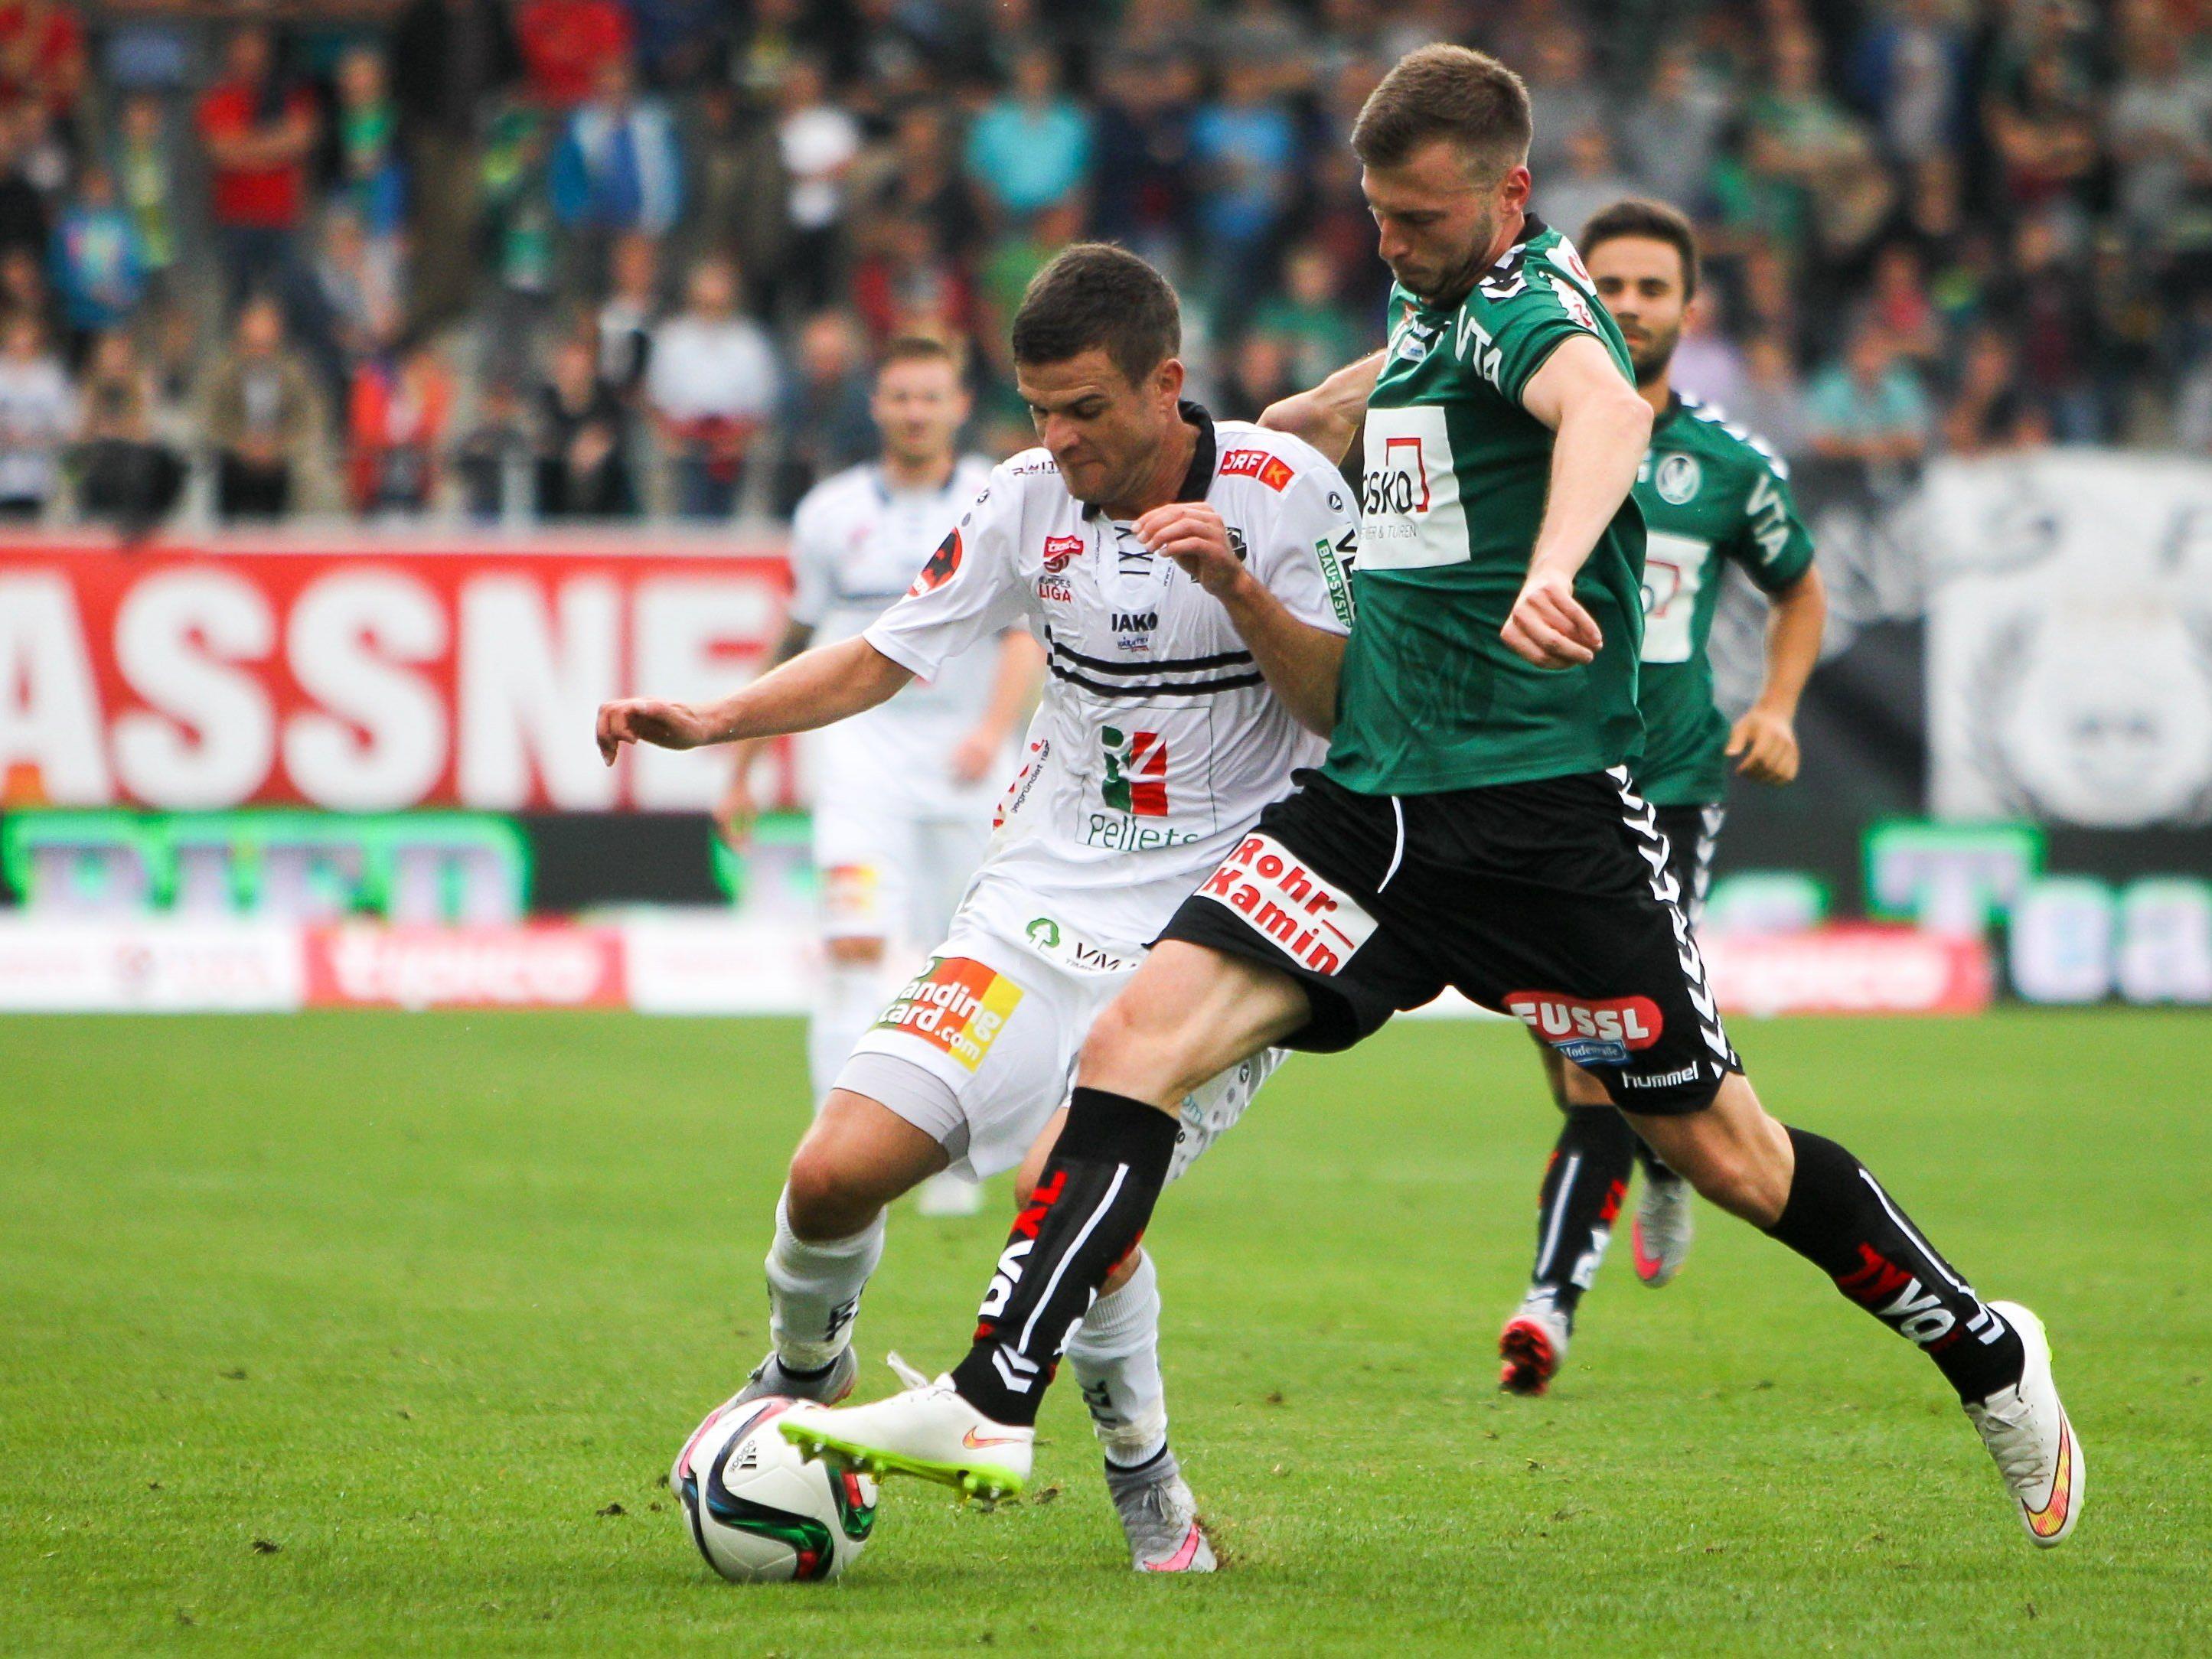 LIVE-Ticker zum Spiel SV Ried gegen WAC ab 18.30 Uhr.